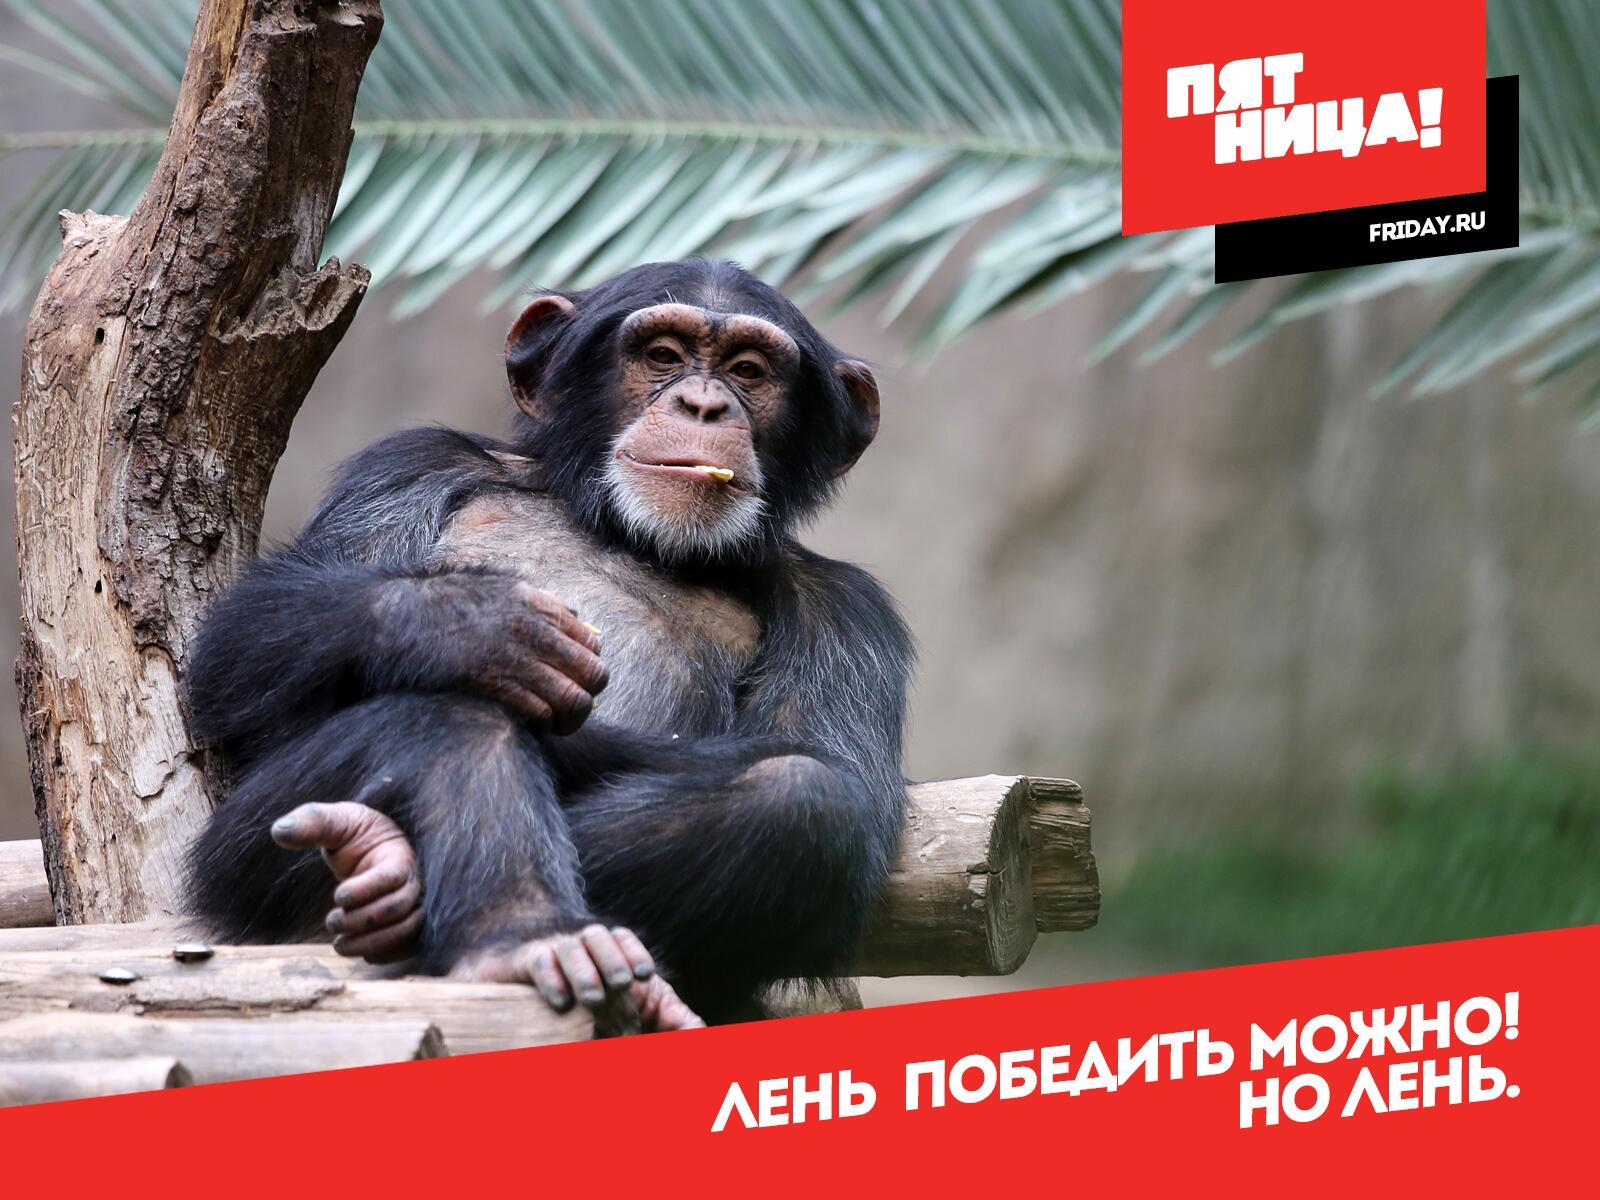 сибирская картинки пятница для вебер близкие или дальние